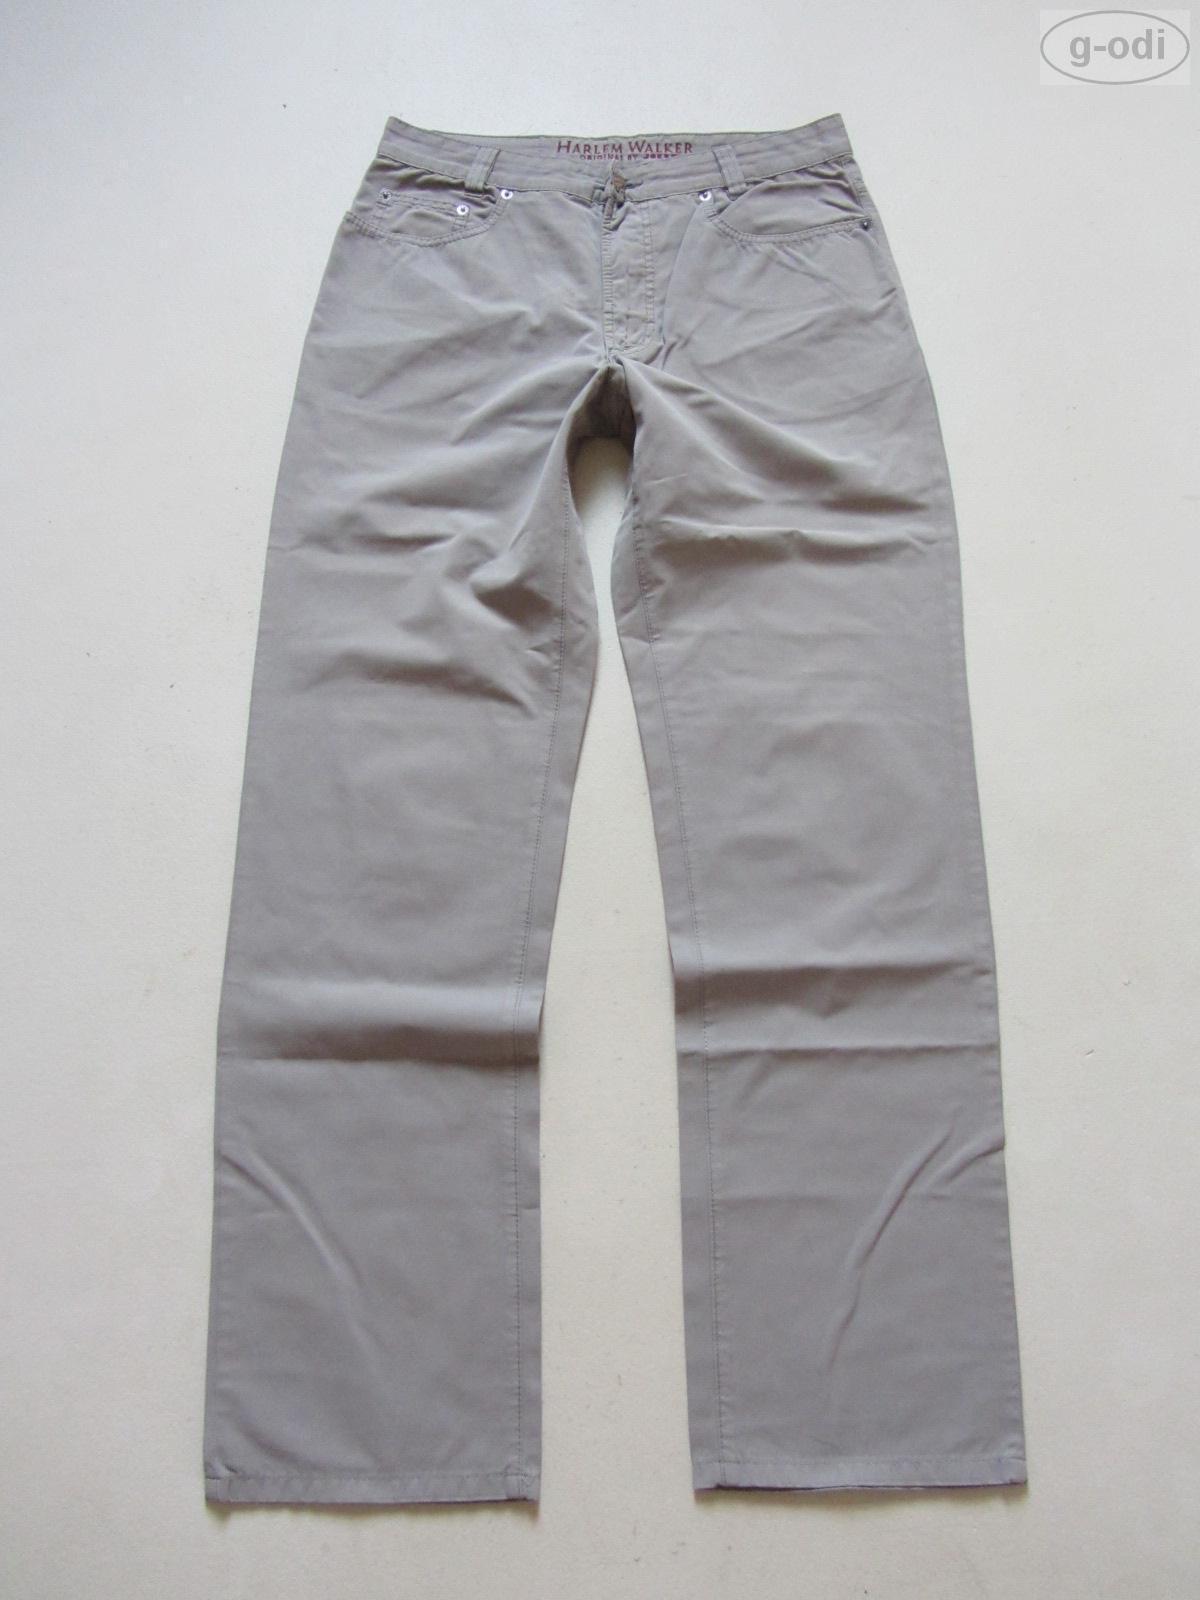 JOKER Harlem Walker Jeans Hose W 33  L 34, grey, Basic Denim Klassiker, robust